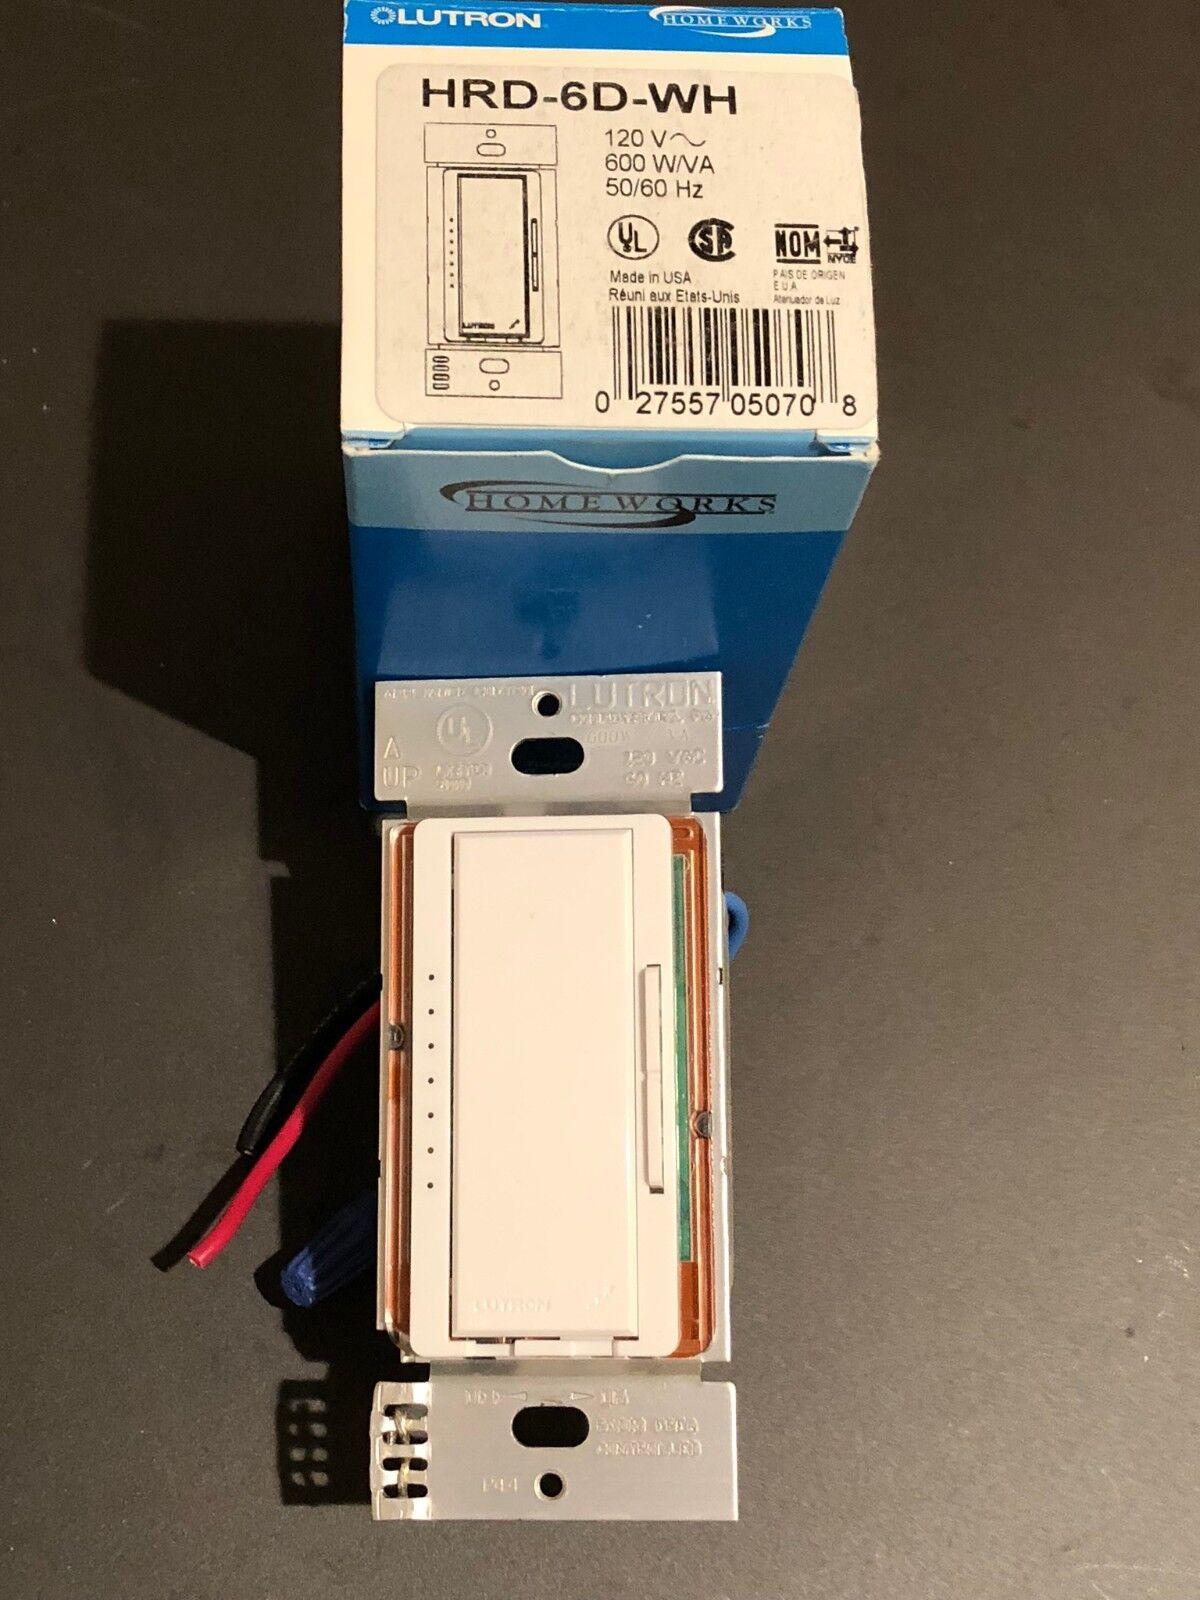 Lutron Homeworks HRD-6D-WH RF Maestro 600 Watt Dimmer (White)